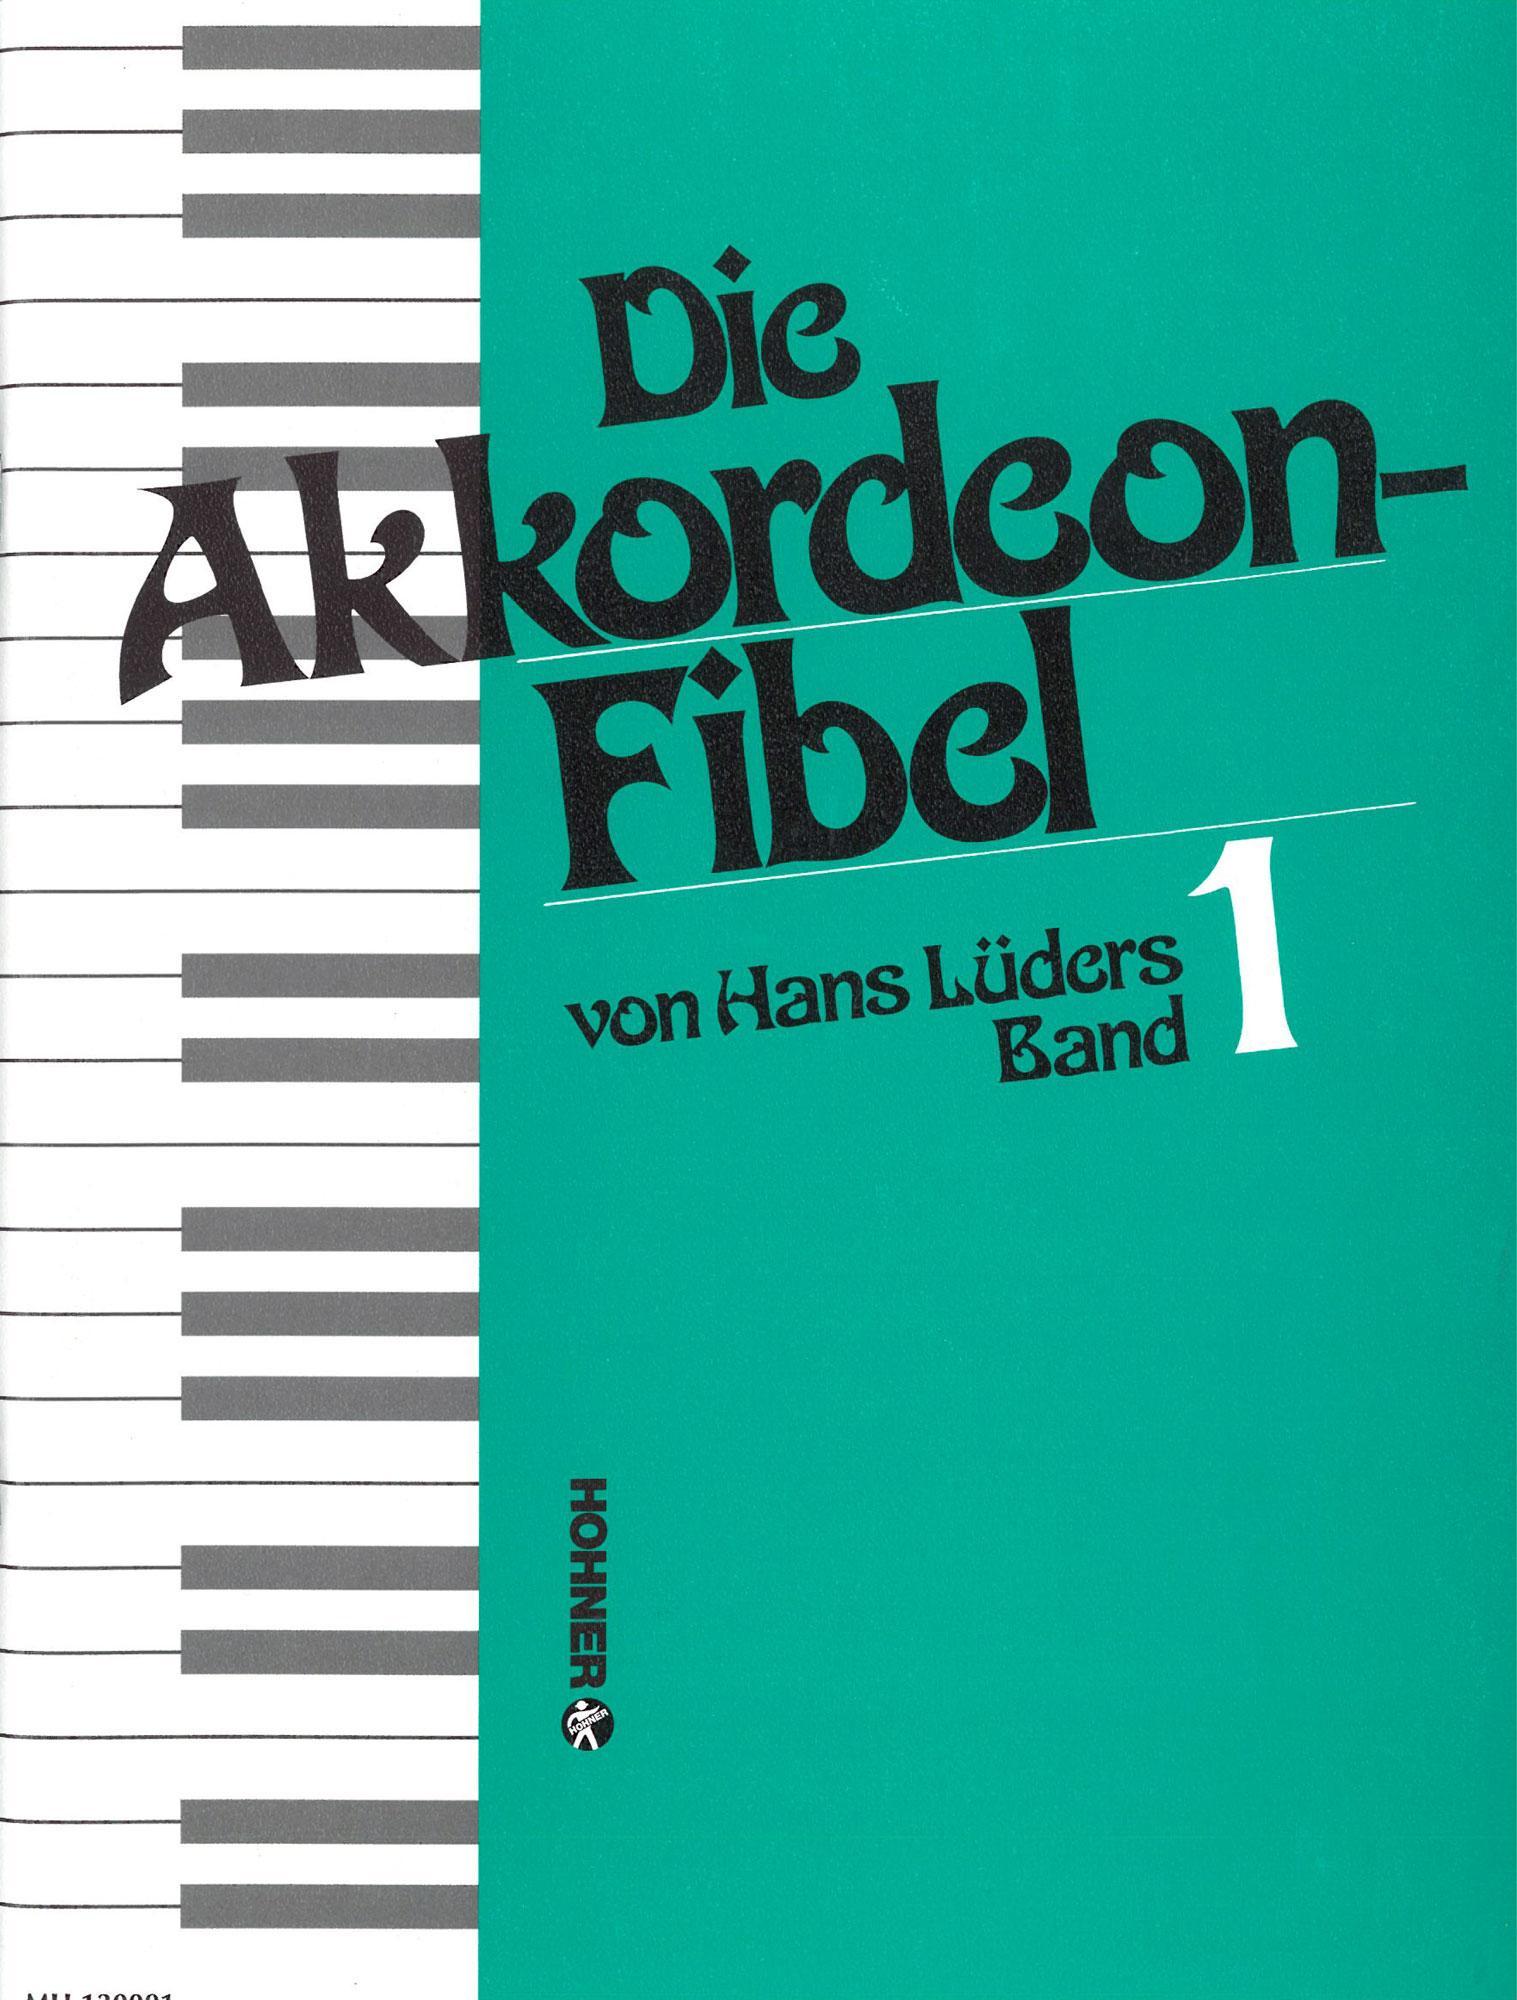 Die Akkordeonfibel Band 1